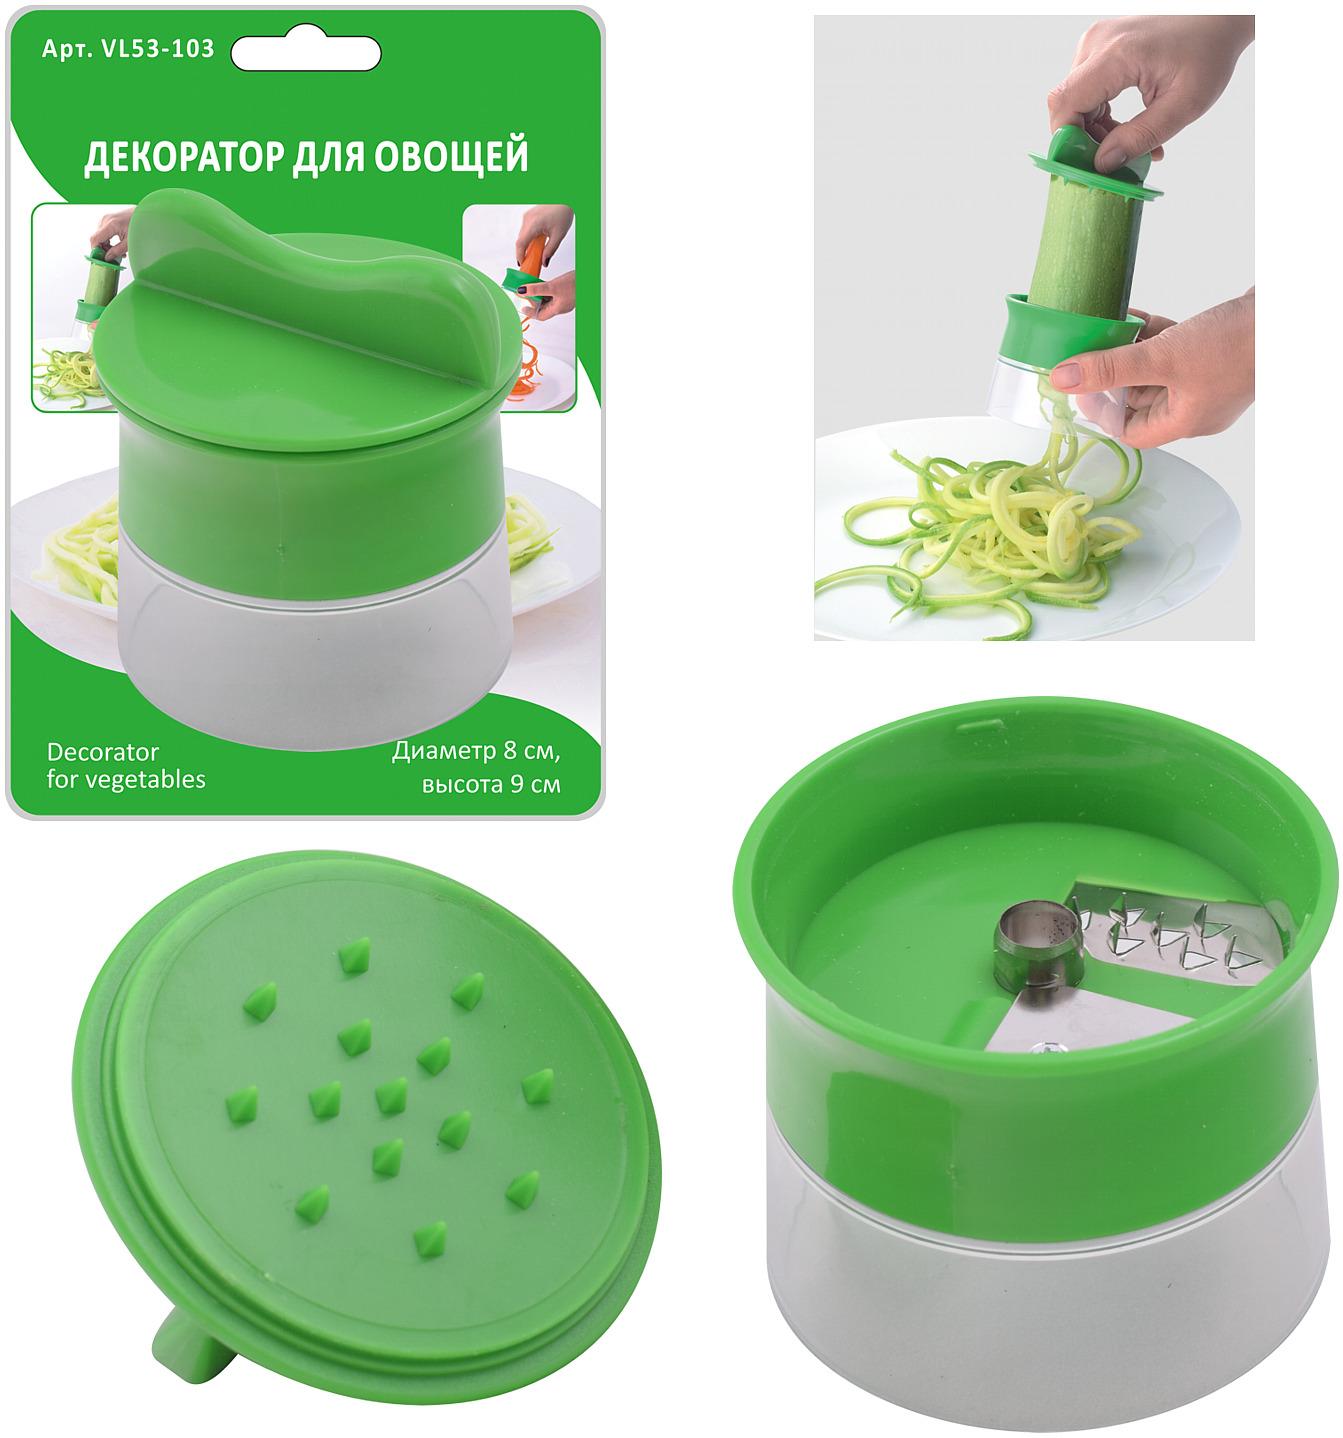 Декоратор для овощей Мультидом, цвет: зеленый, диаметр 8 см декоратор мультидом цвет розовый 2 шт